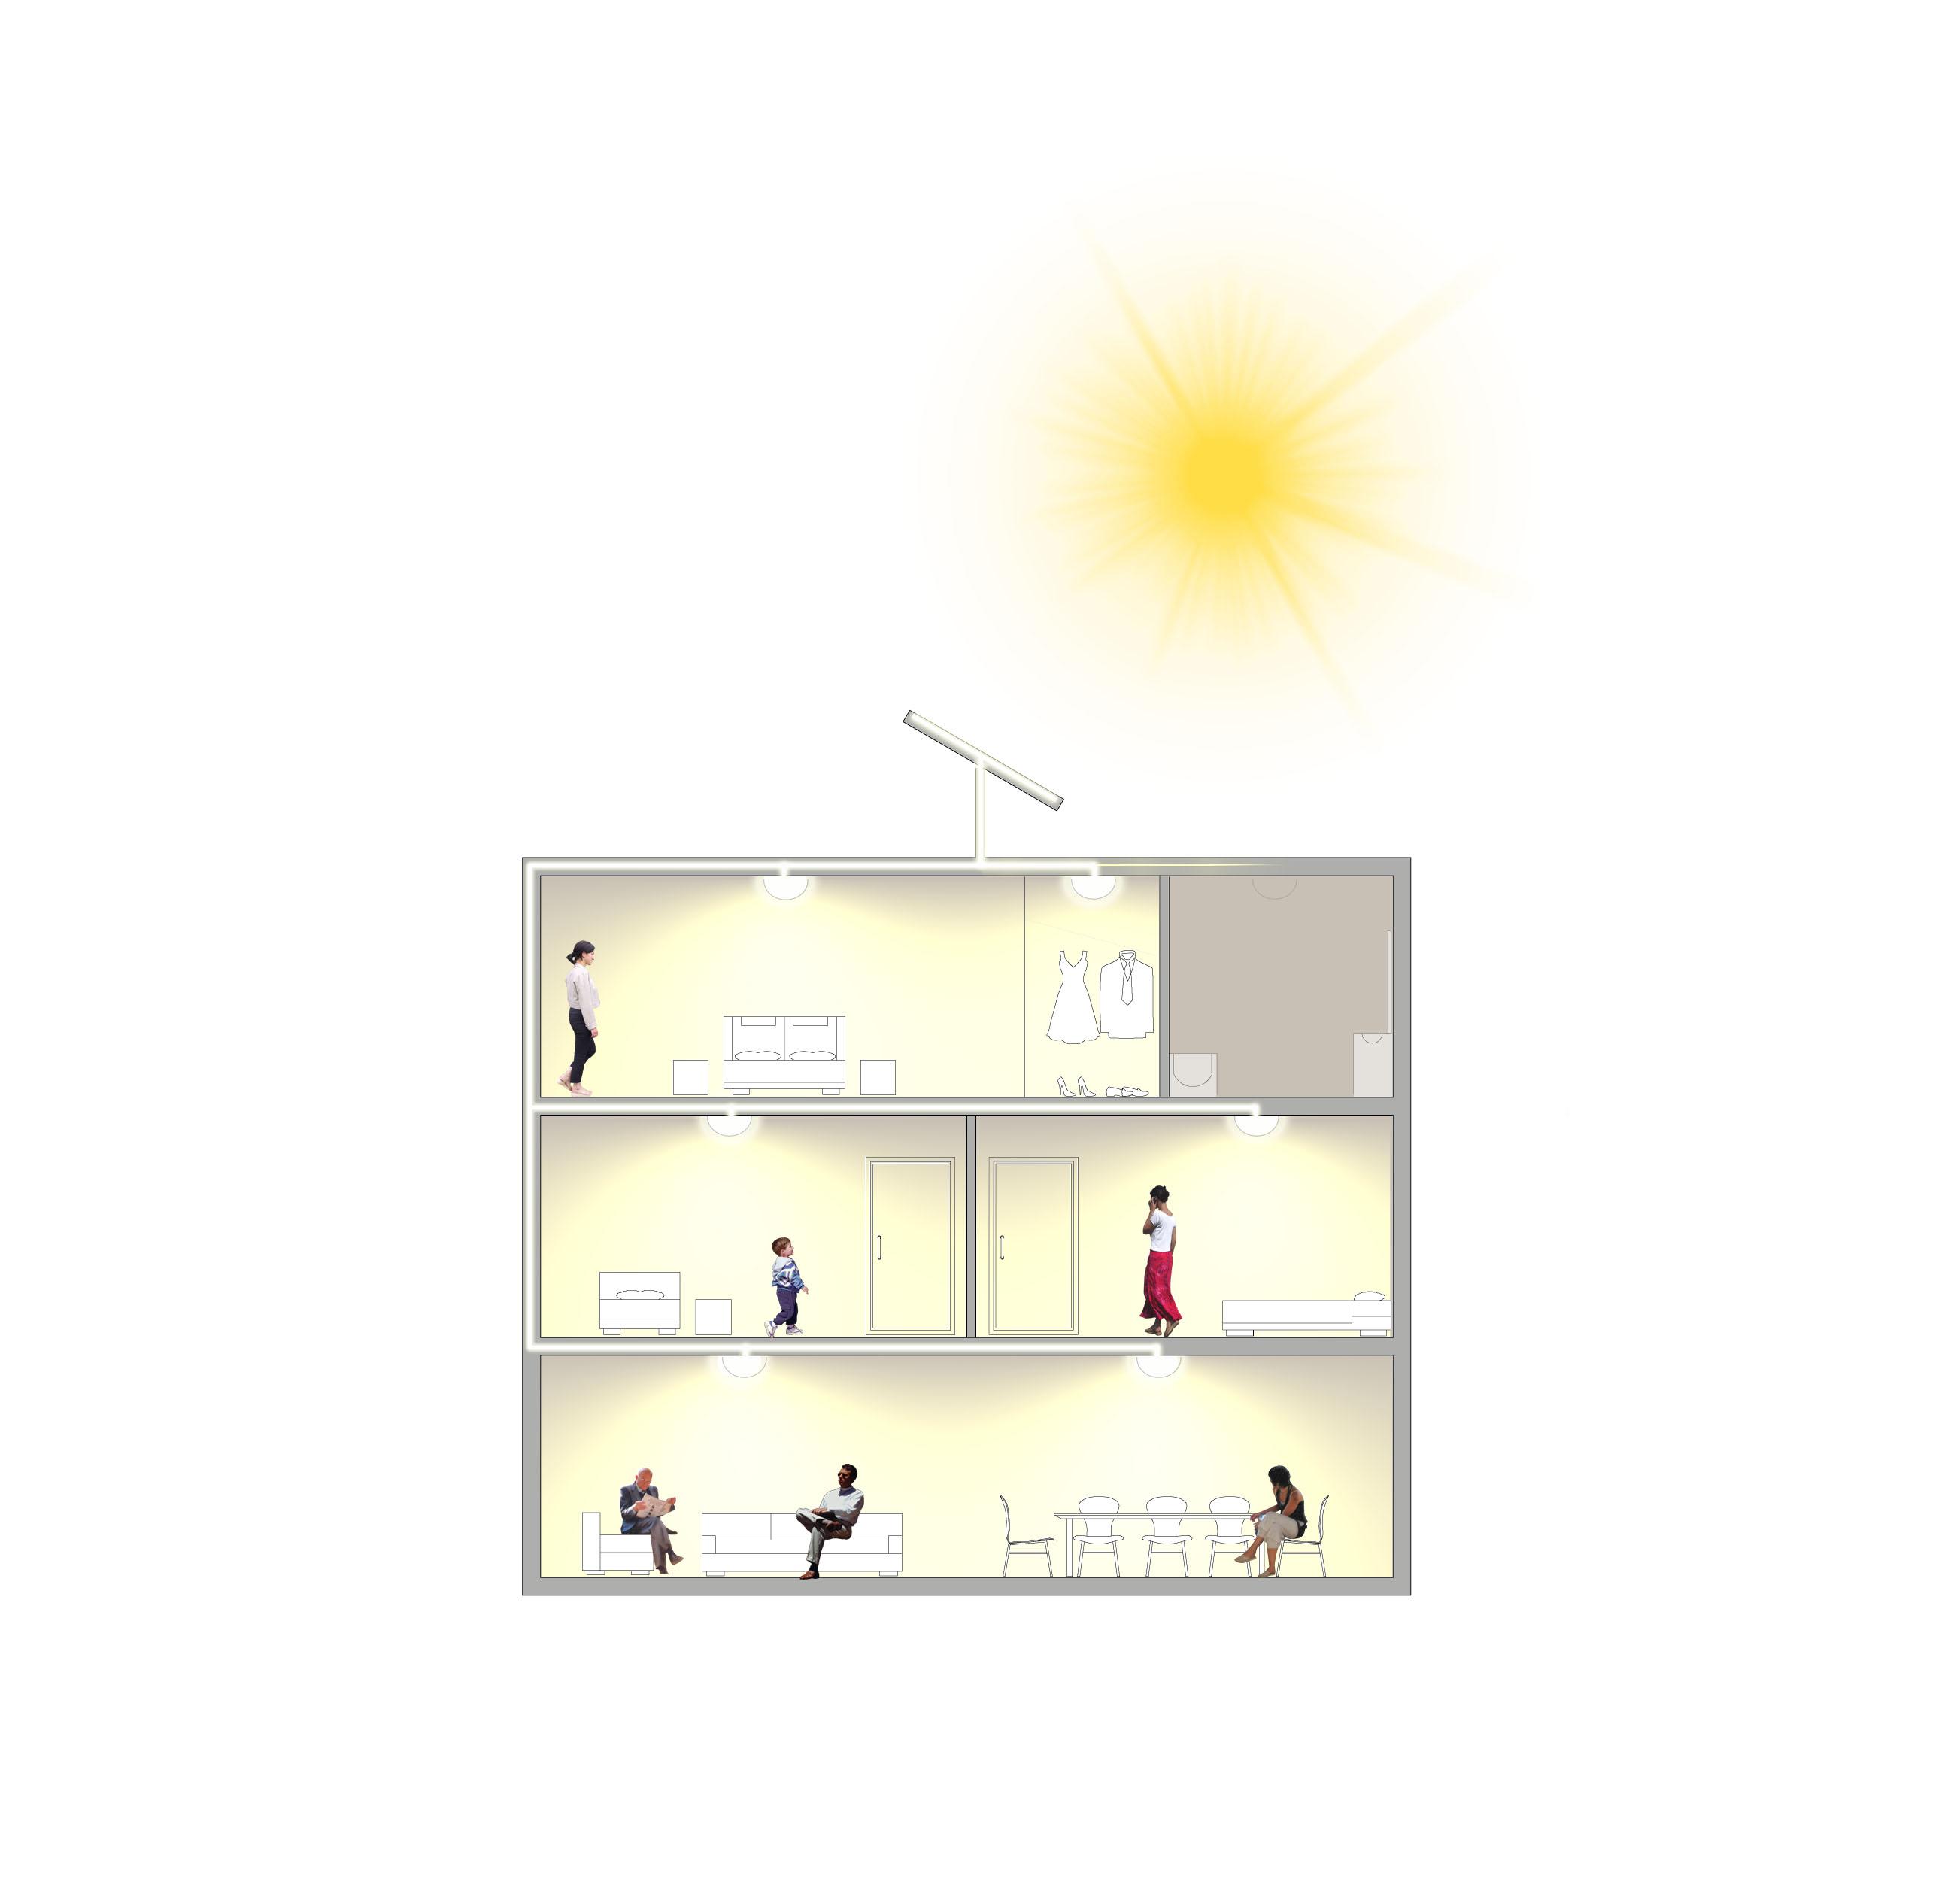 transformation de la lumi re du soleil en clairage int rieur echy pr pare son 1er prototype. Black Bedroom Furniture Sets. Home Design Ideas